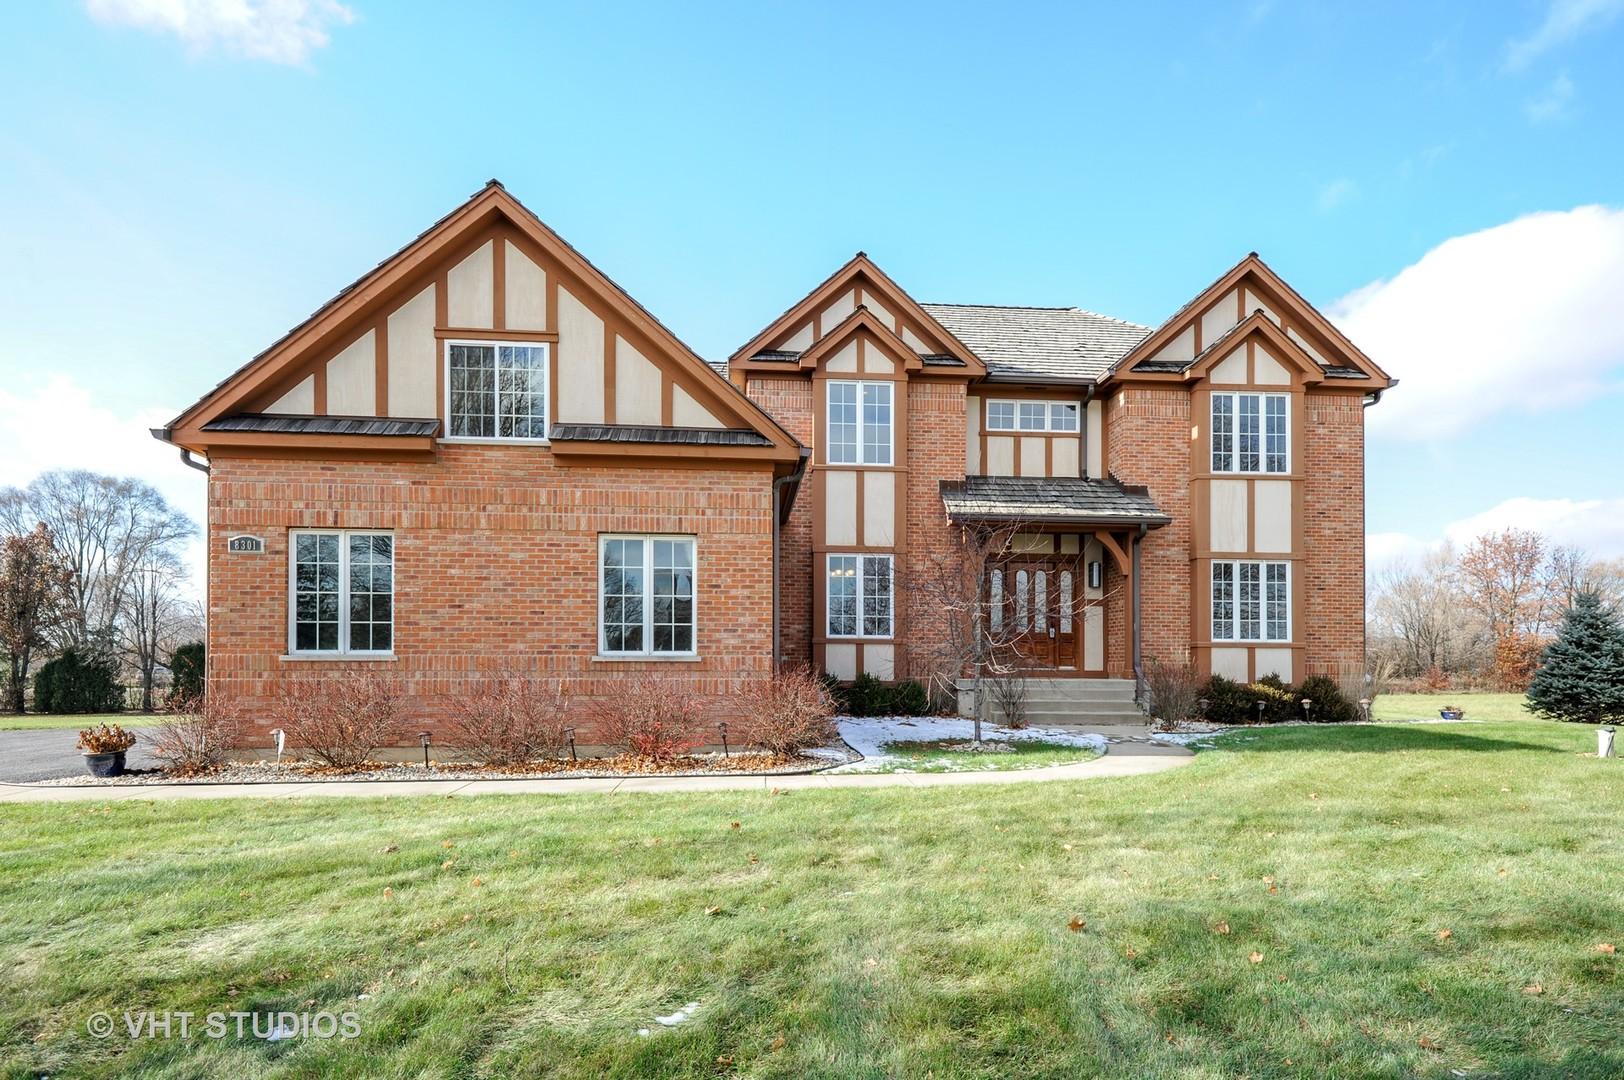 8301 Carriage Lane, Spring Grove, Illinois 60081